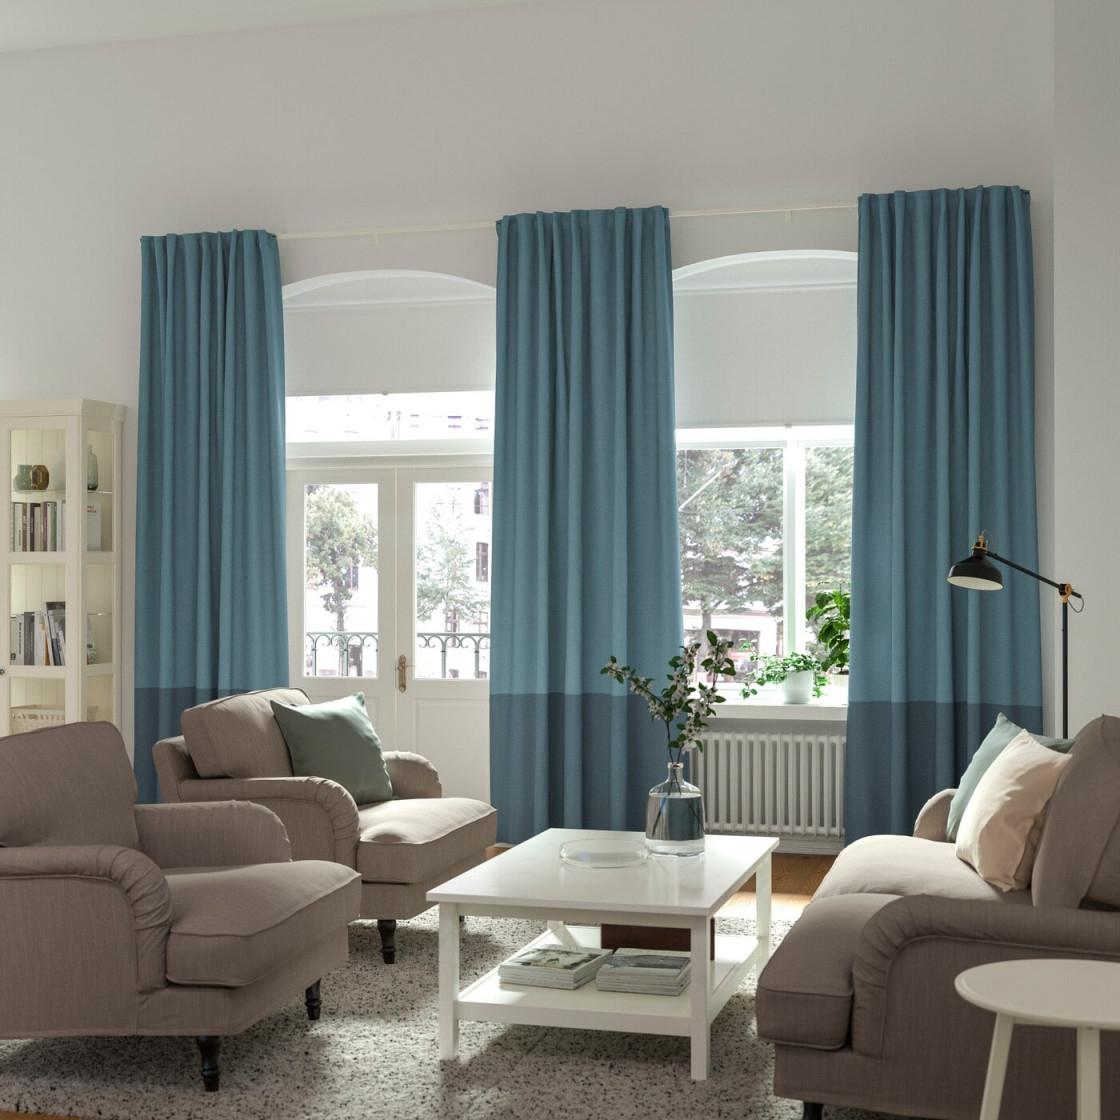 Gardinenideen Inspirationen Für Dein Zuhause  Ikea von Gardinen Fürs Wohnzimmer Photo